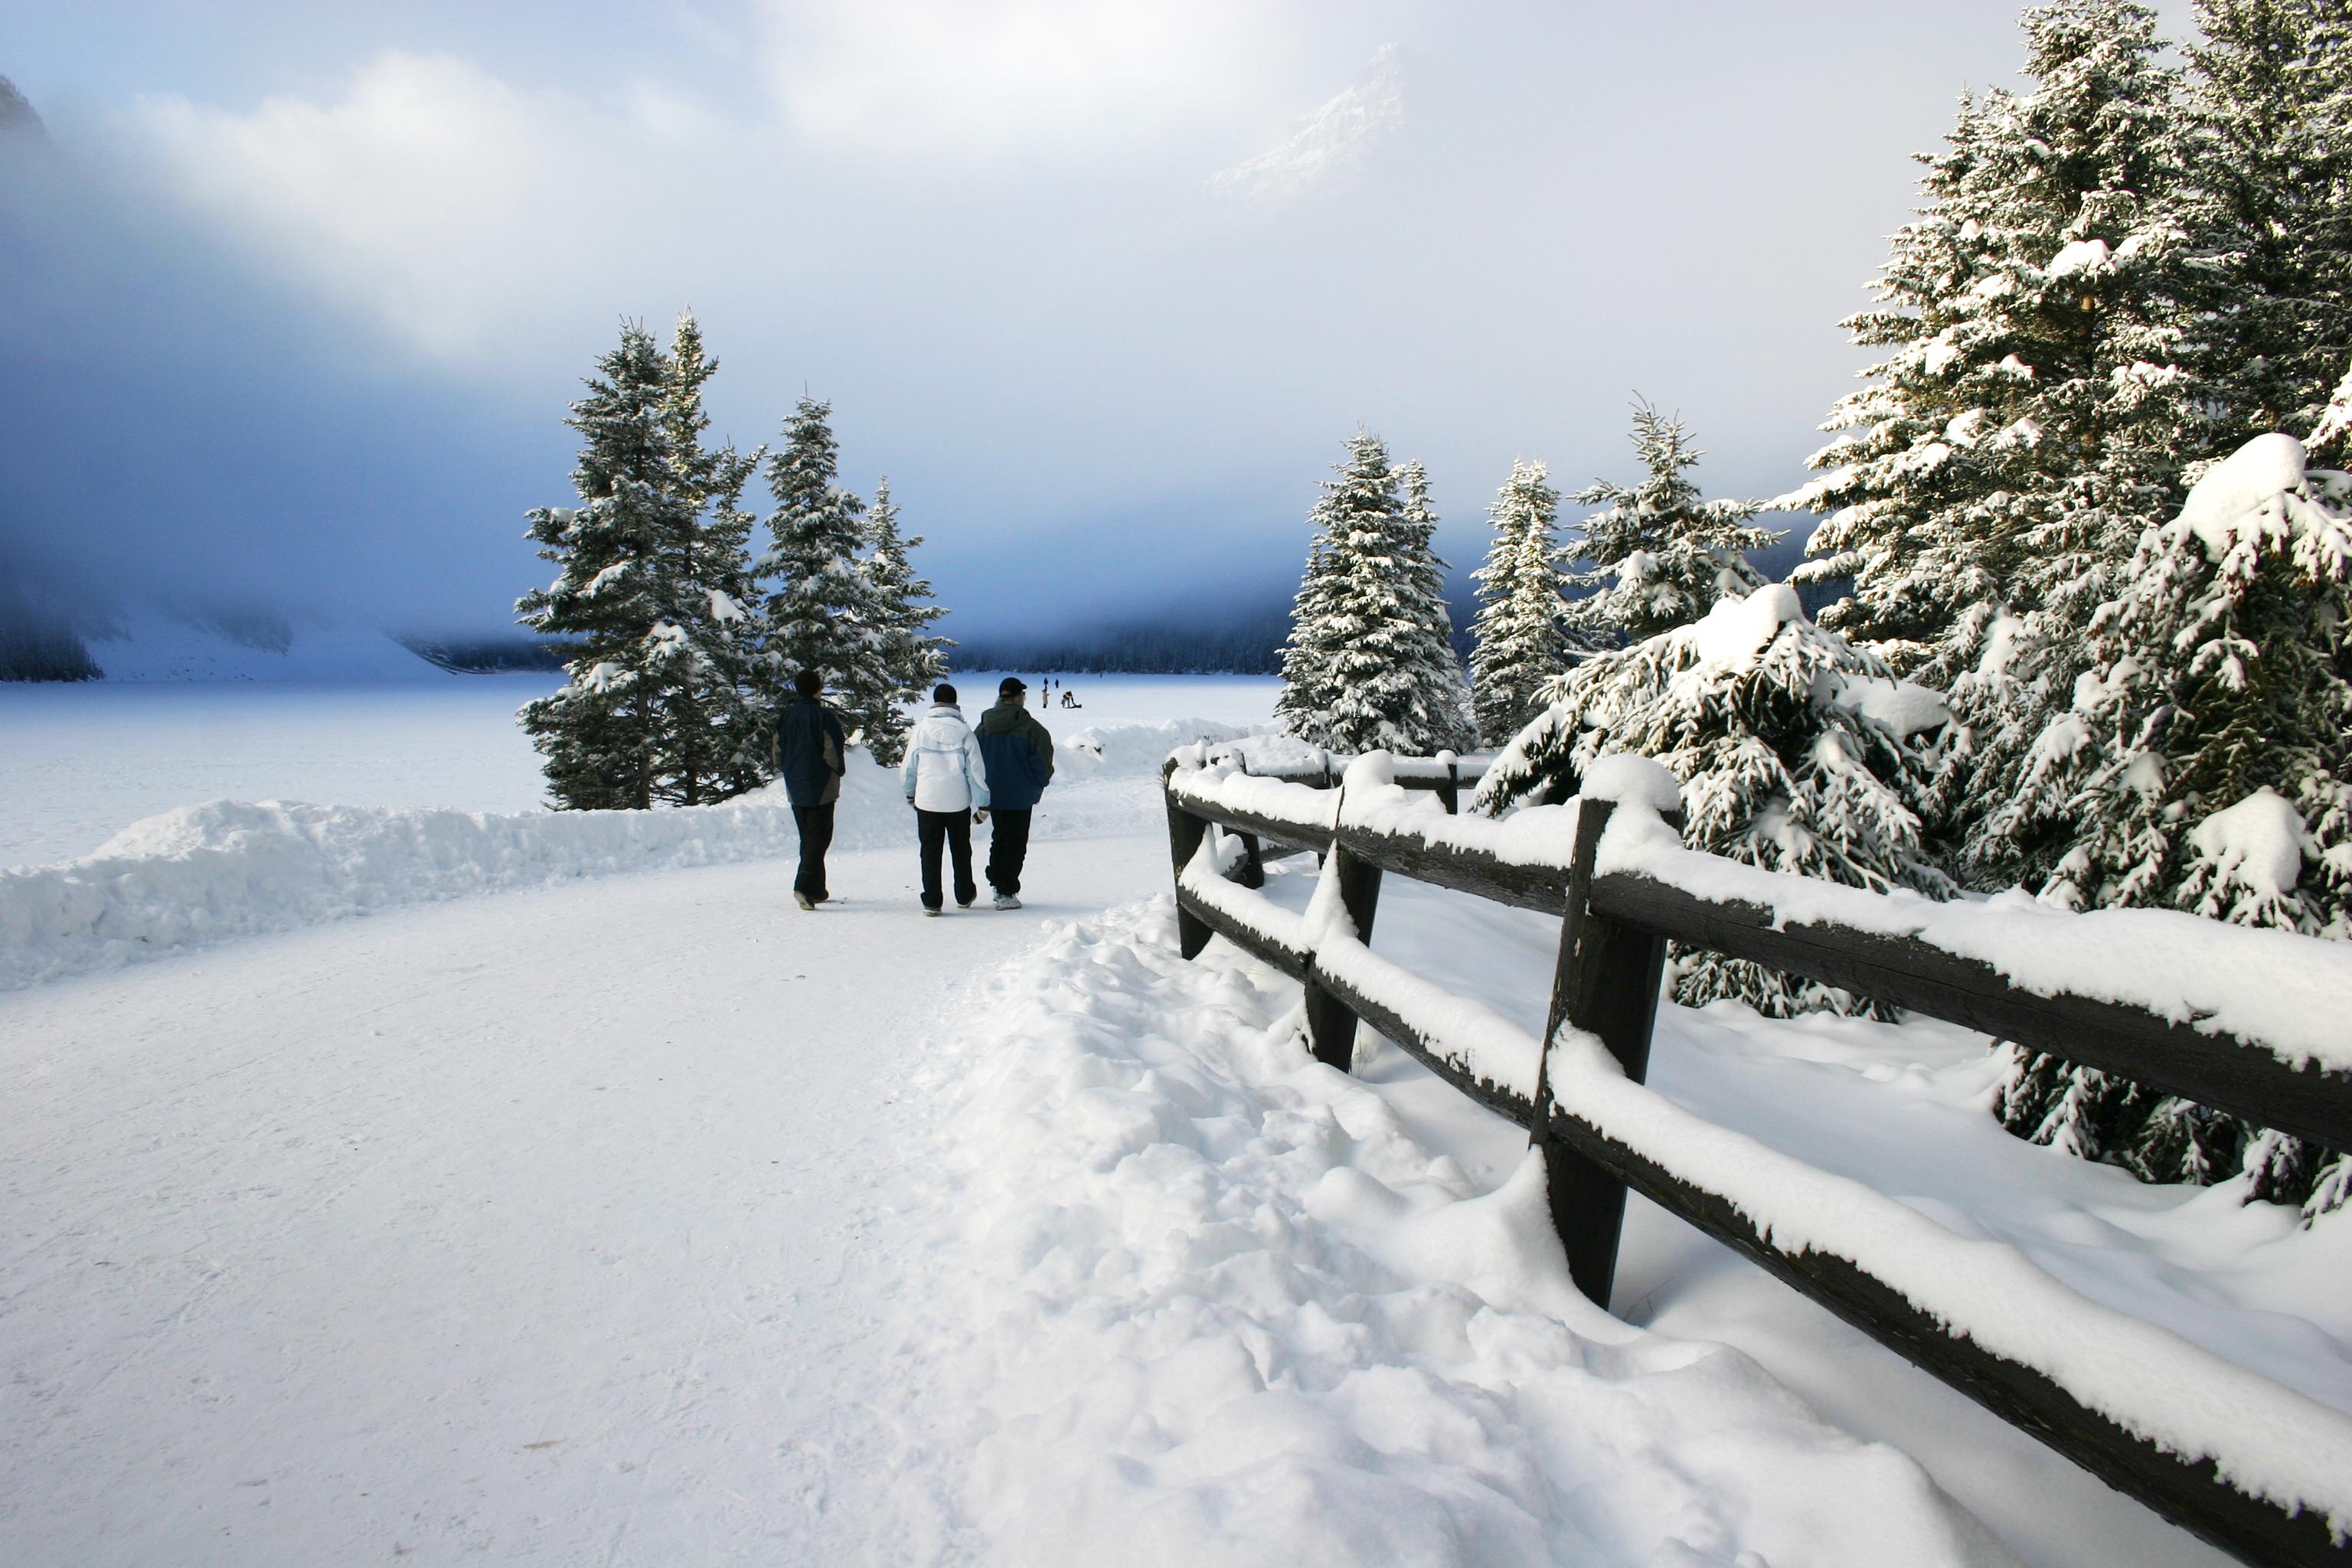 trois personnes marchant dans le parc en hiver